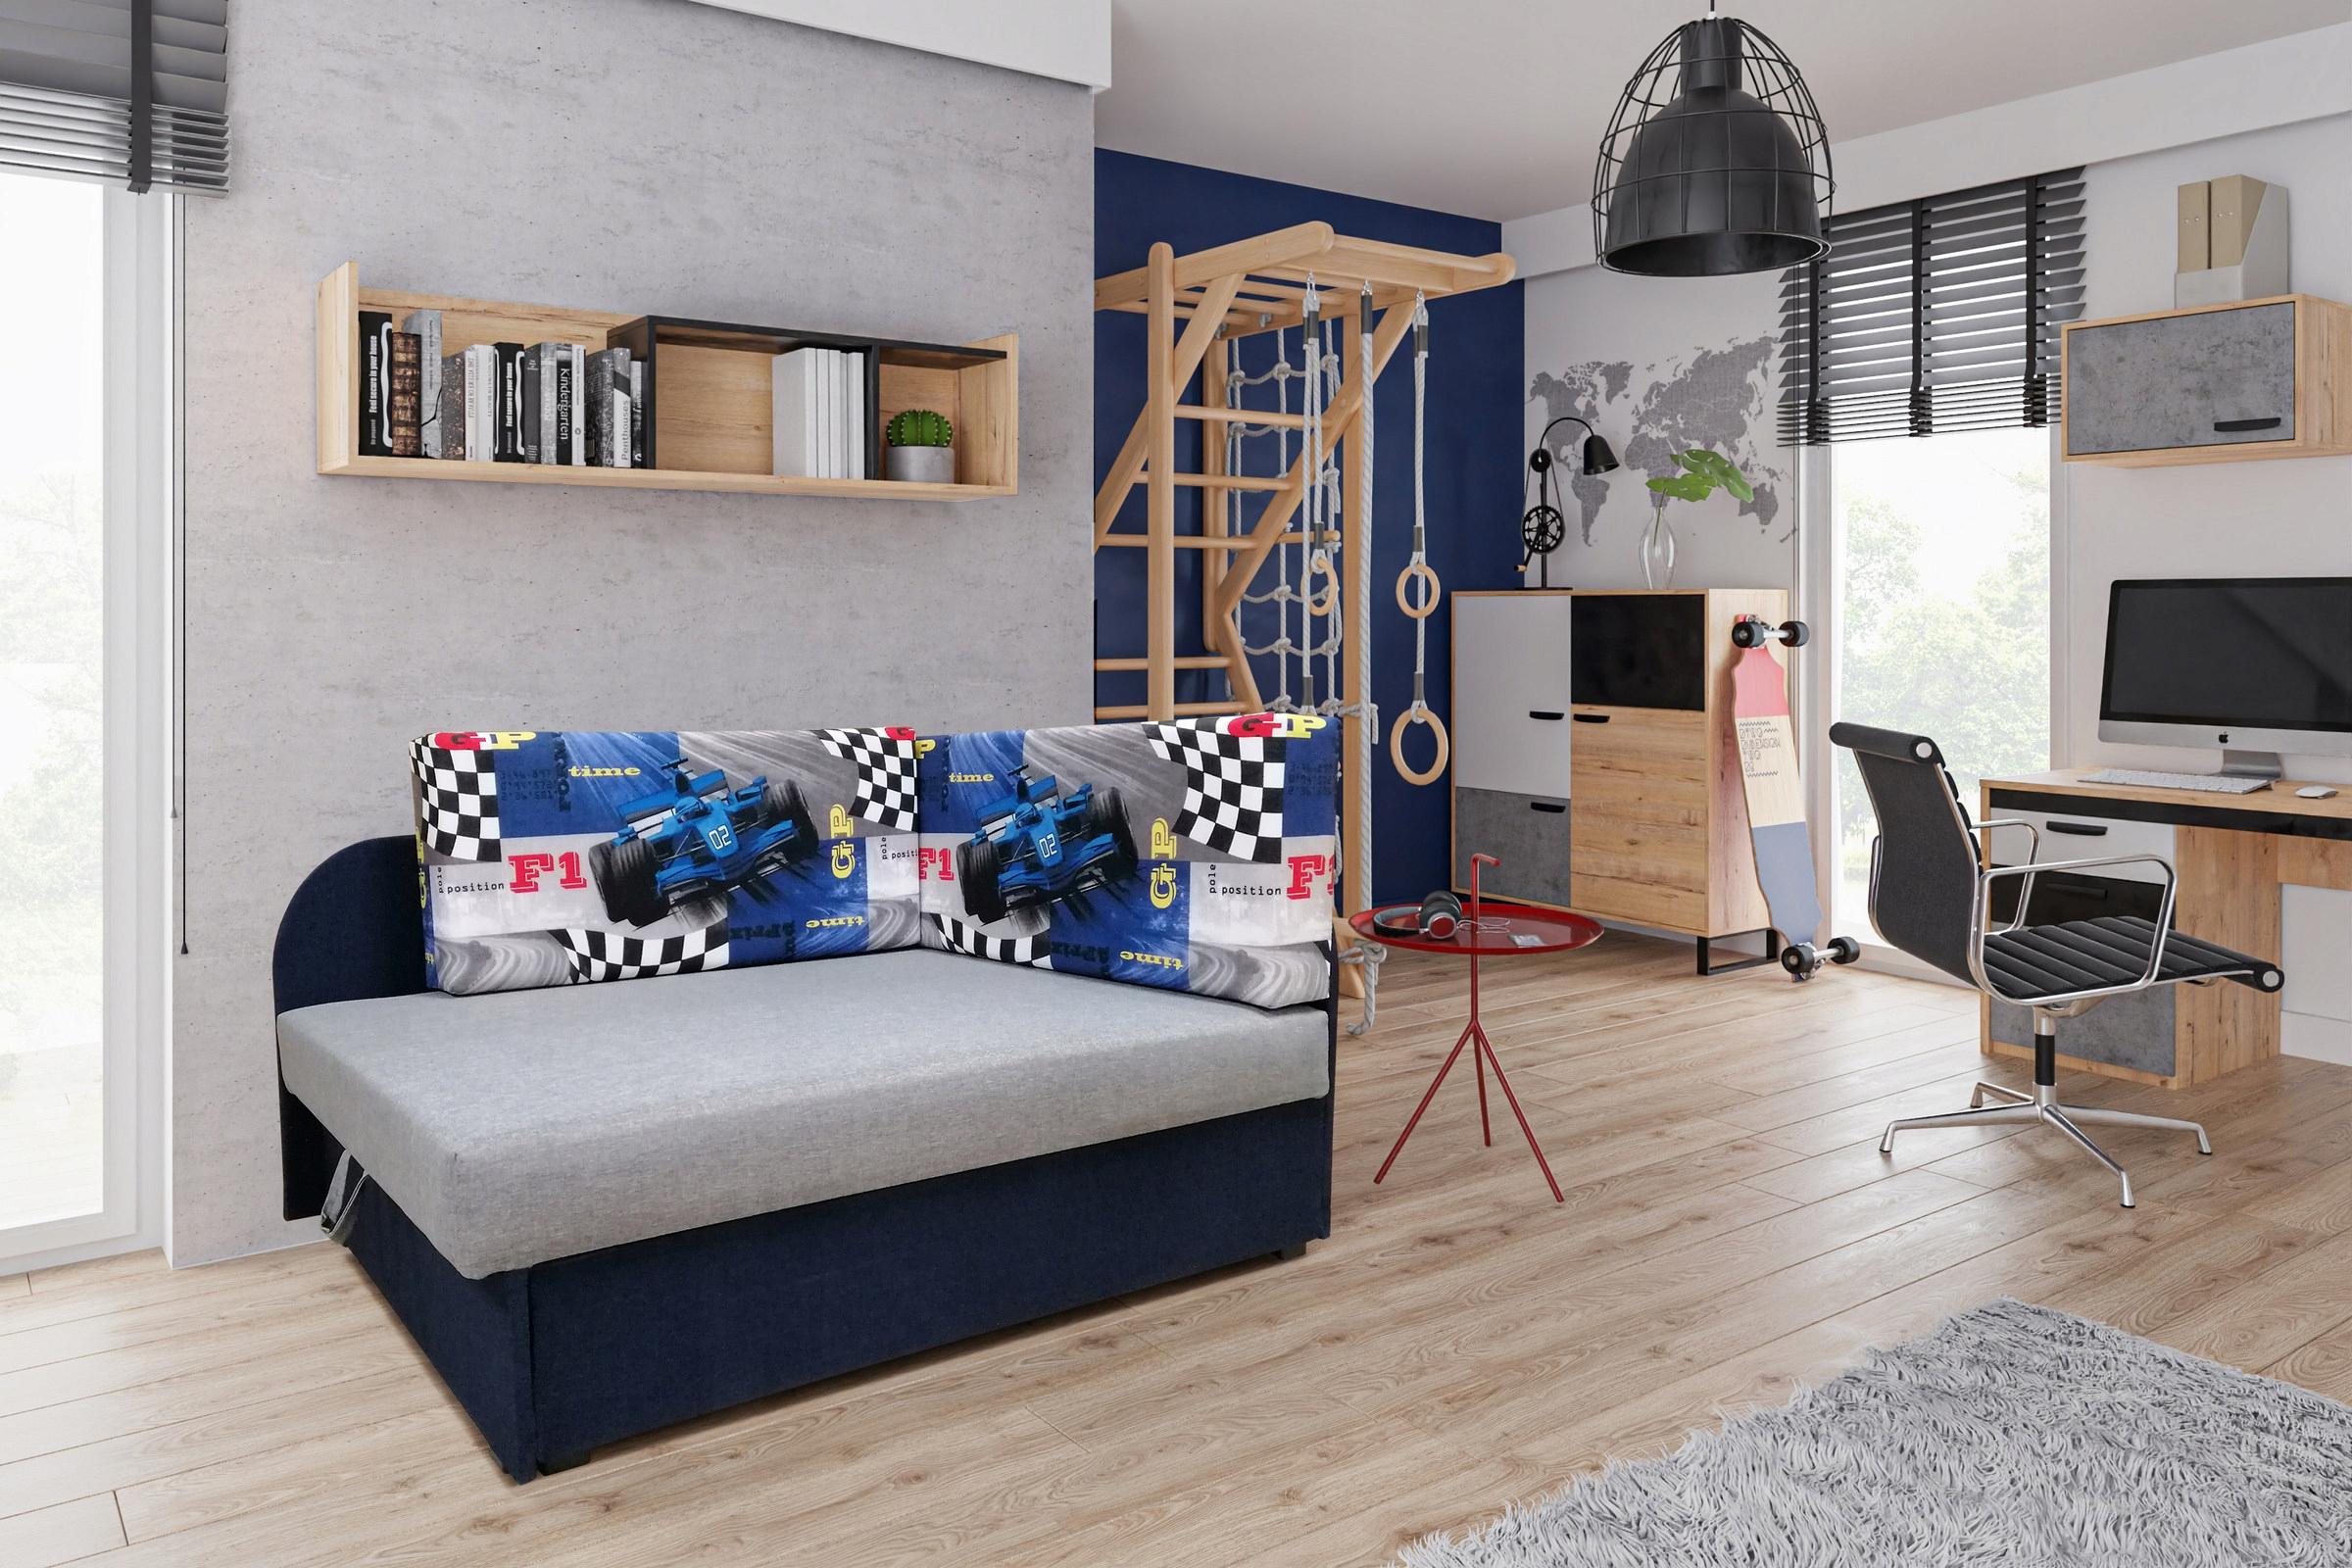 Sofa rozkładana,narożnik jednoosobowy dla dziecka